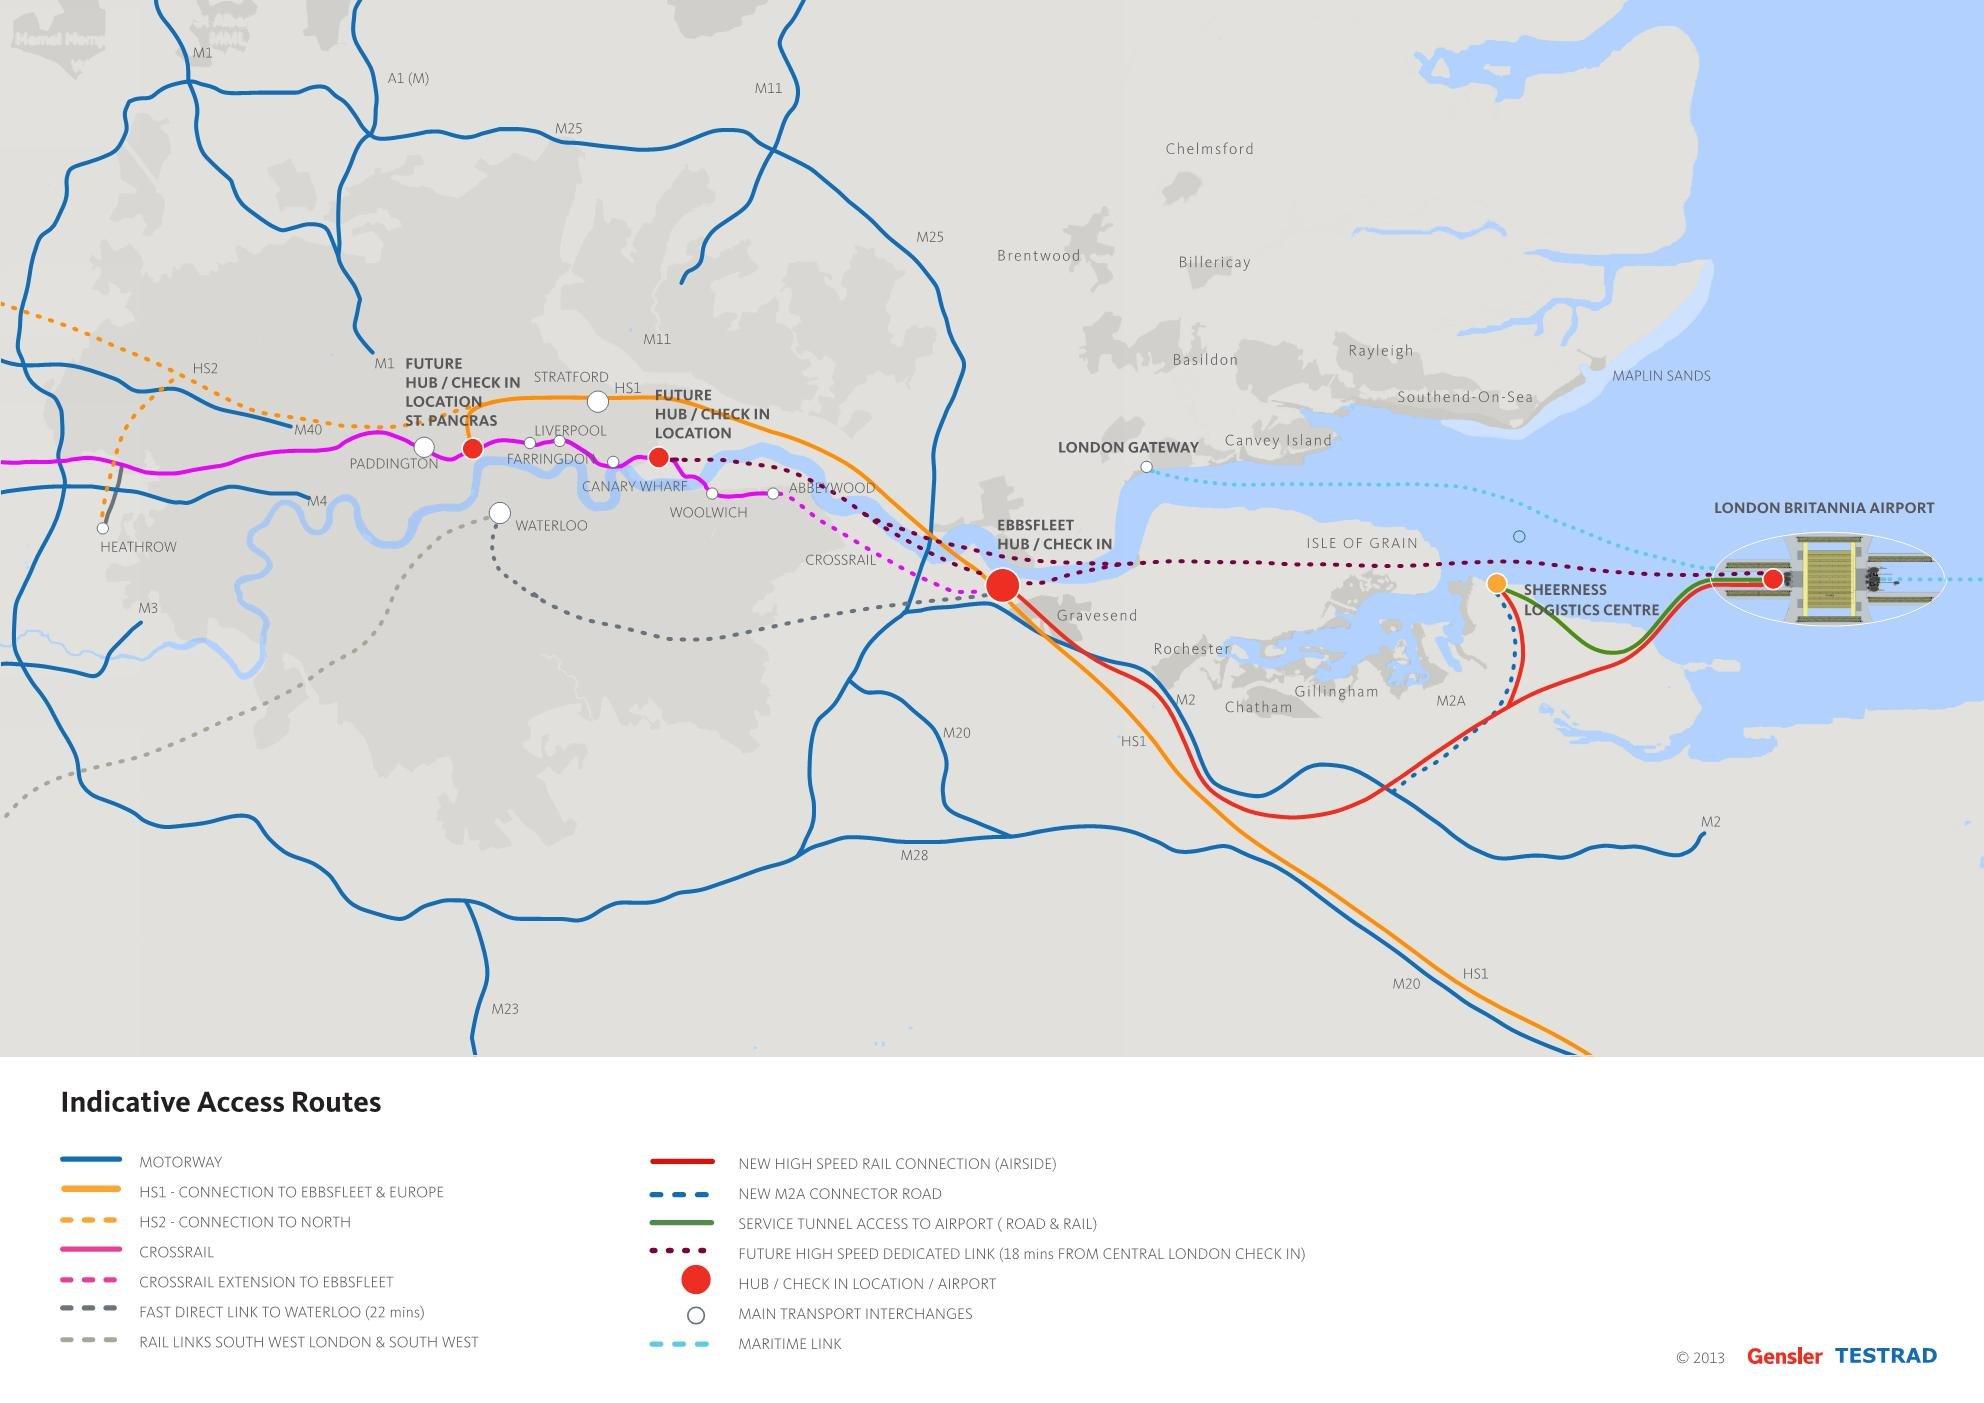 Der neue Großflughafen Britannia läge 80 Kilometer vom Zentrum entfernt. Drei neue Schnellbahnlinien und eine Schiffsverbindung könnten ihn mit der Stadt verbinden.